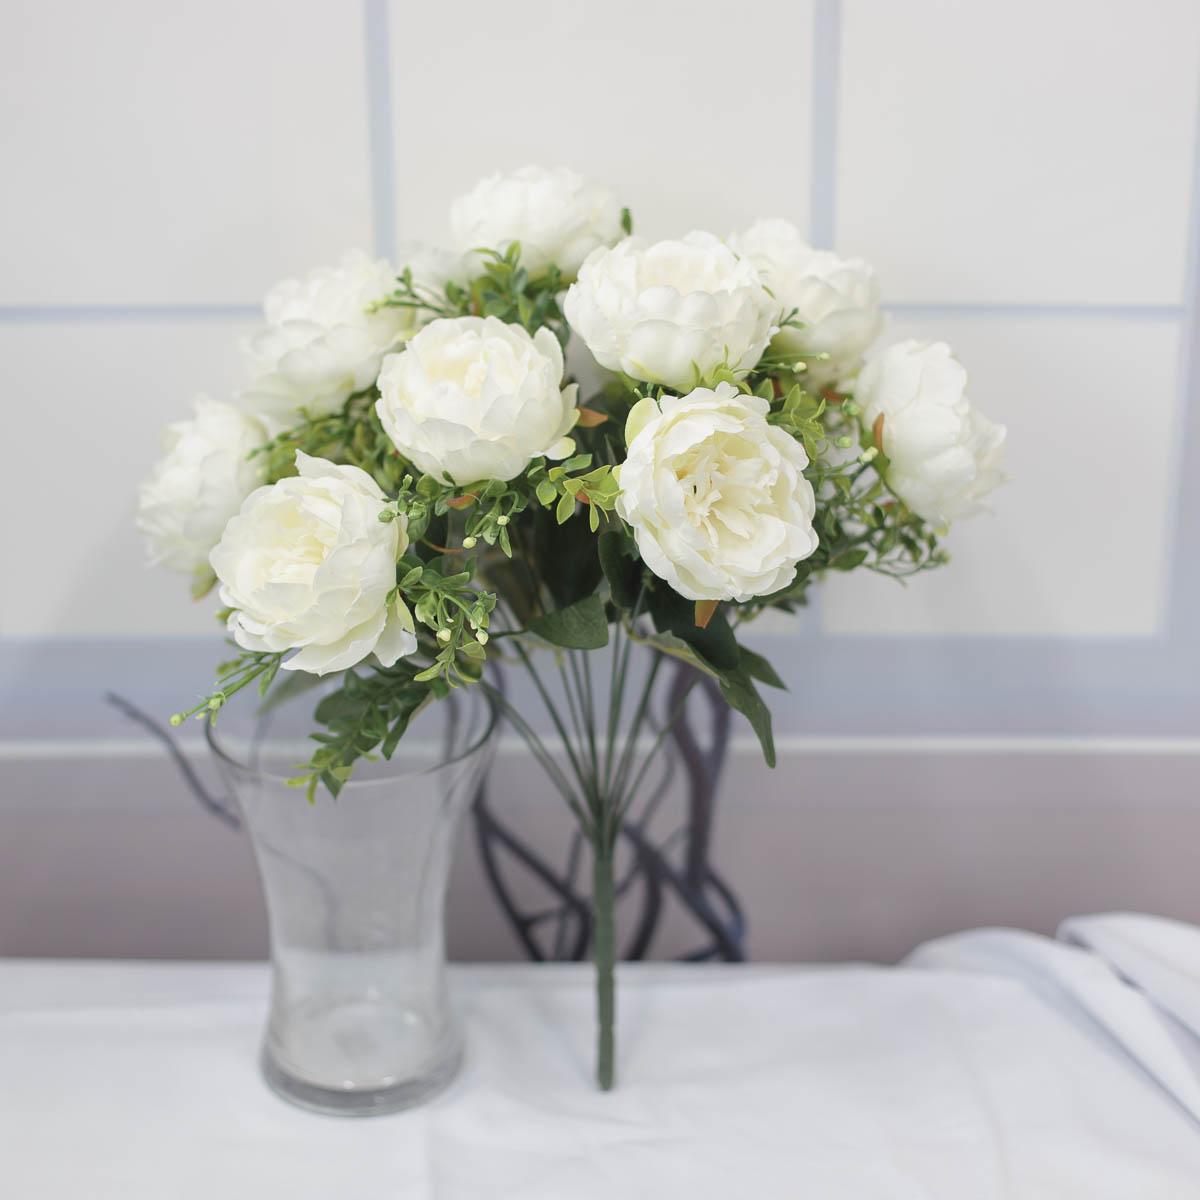 풍성한 작약 꽃 부쉬 크림